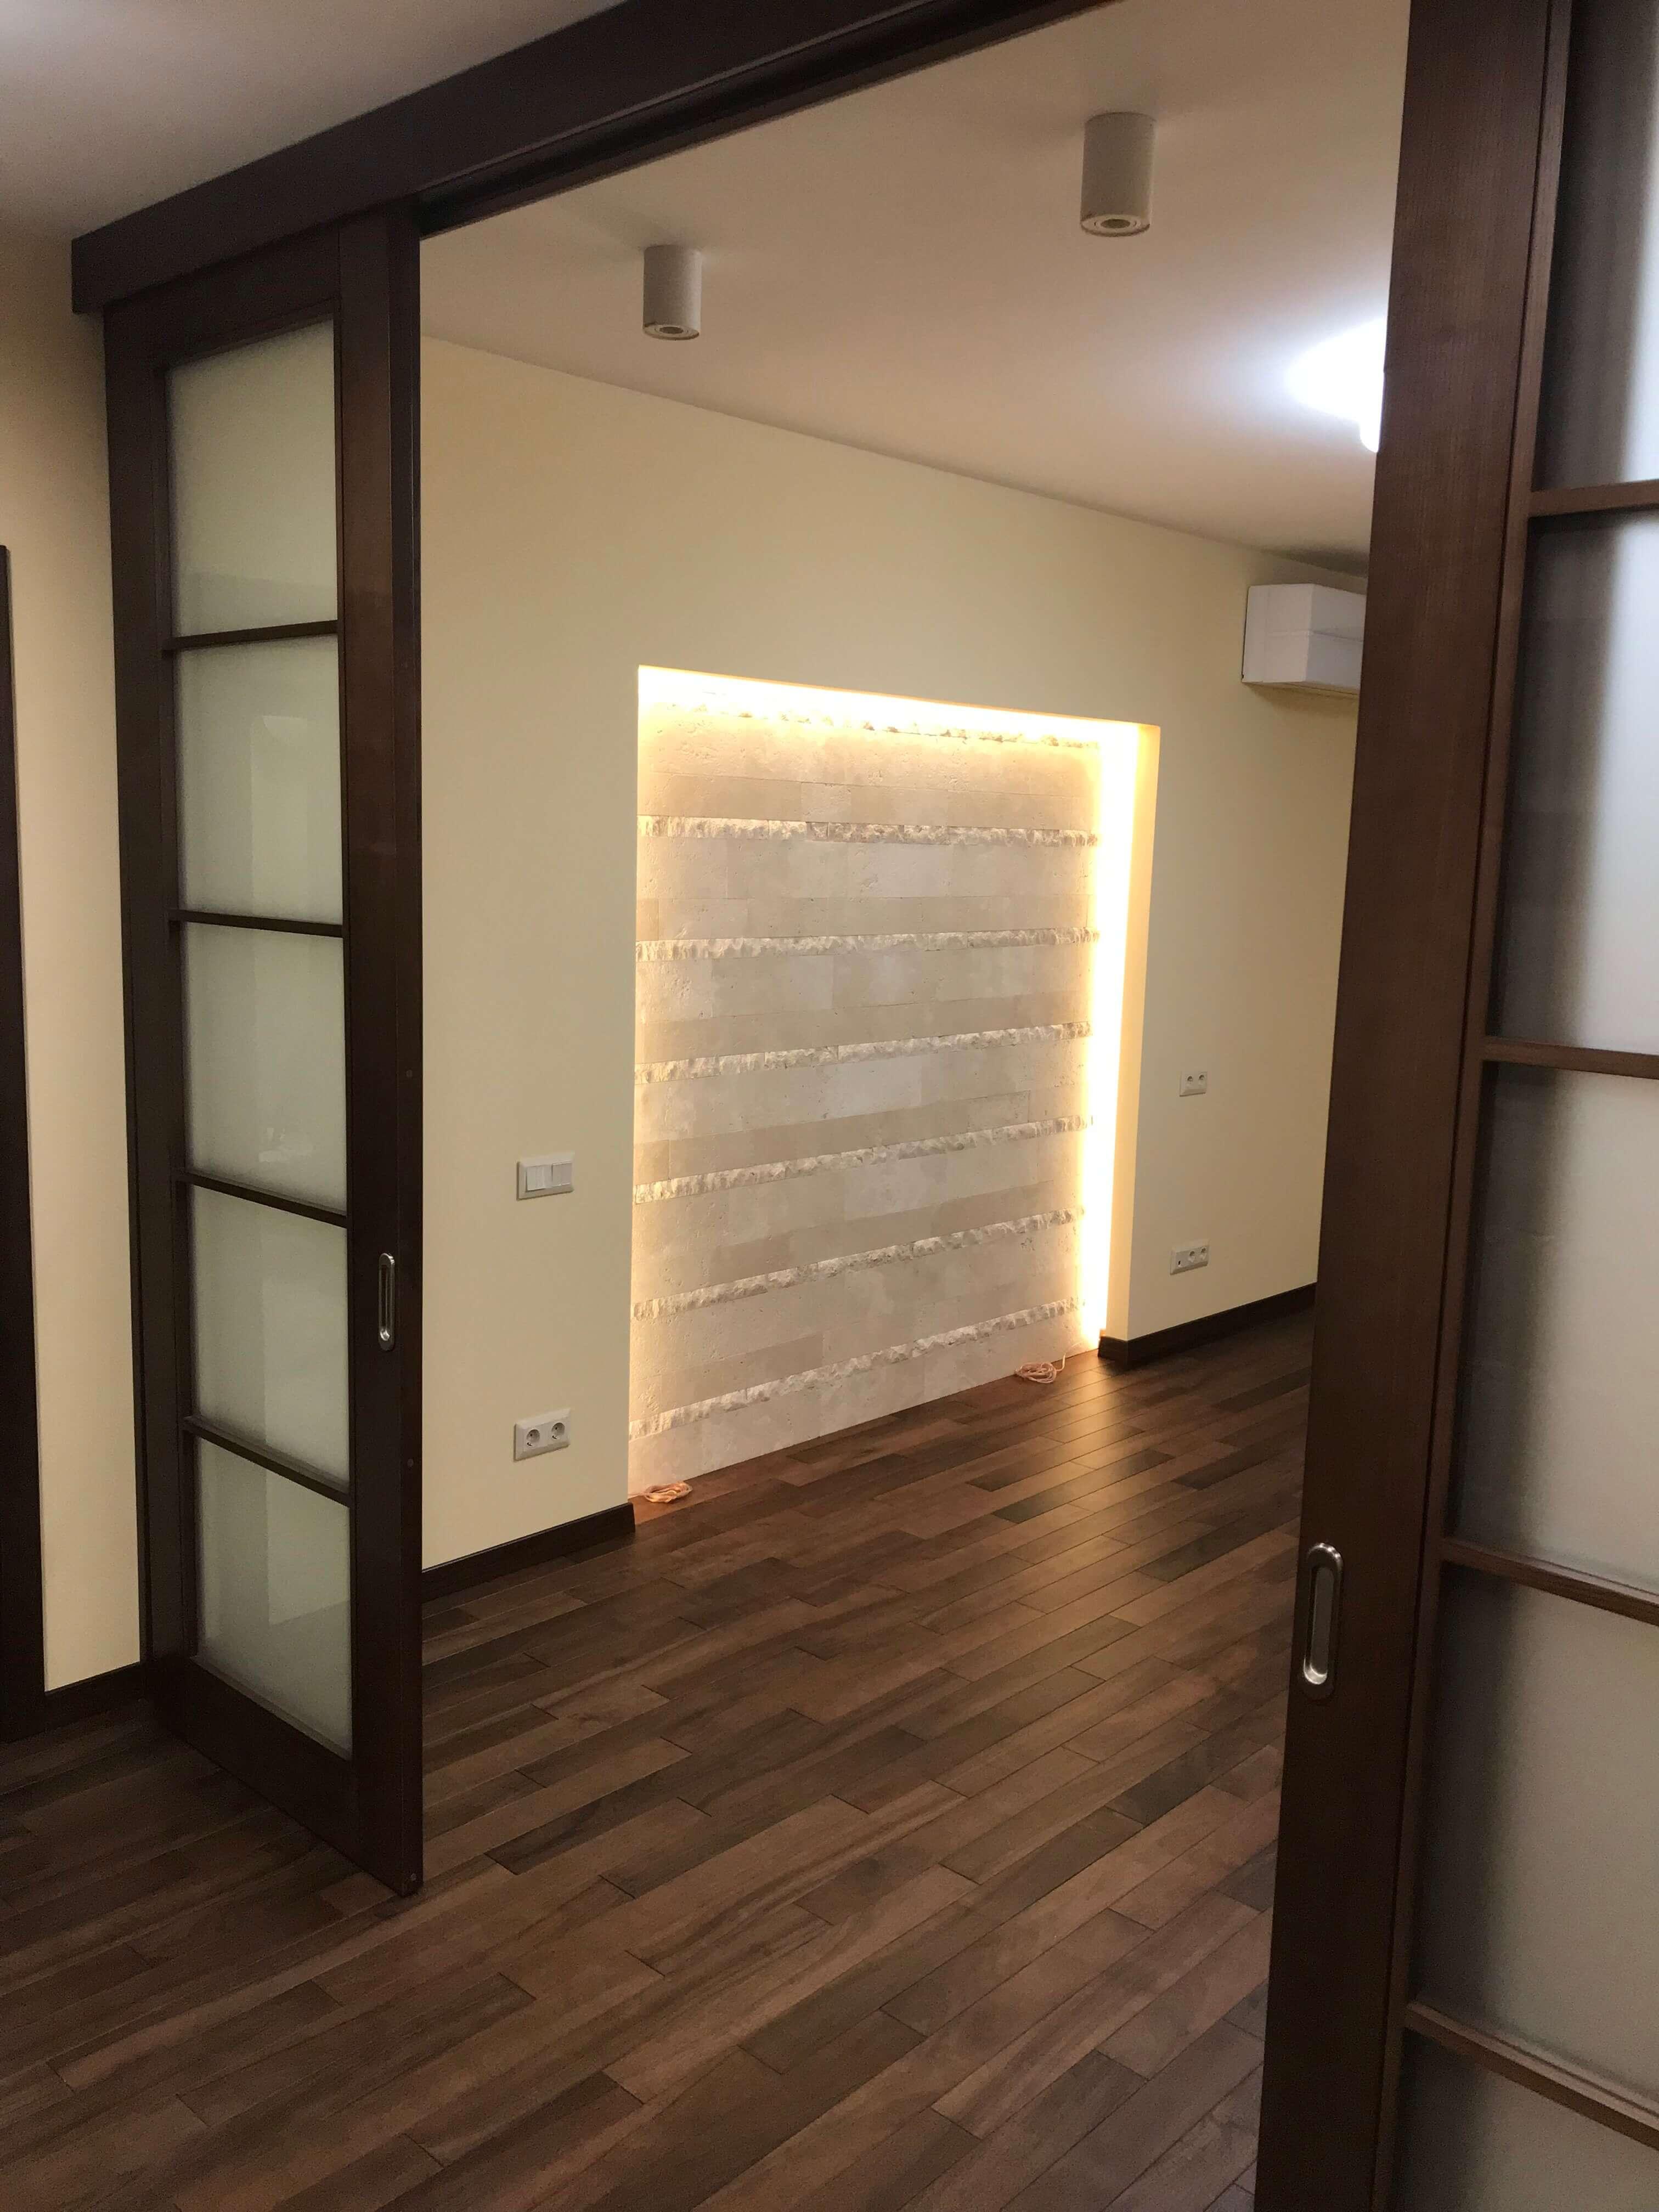 раздвижные двери между коридором и залом